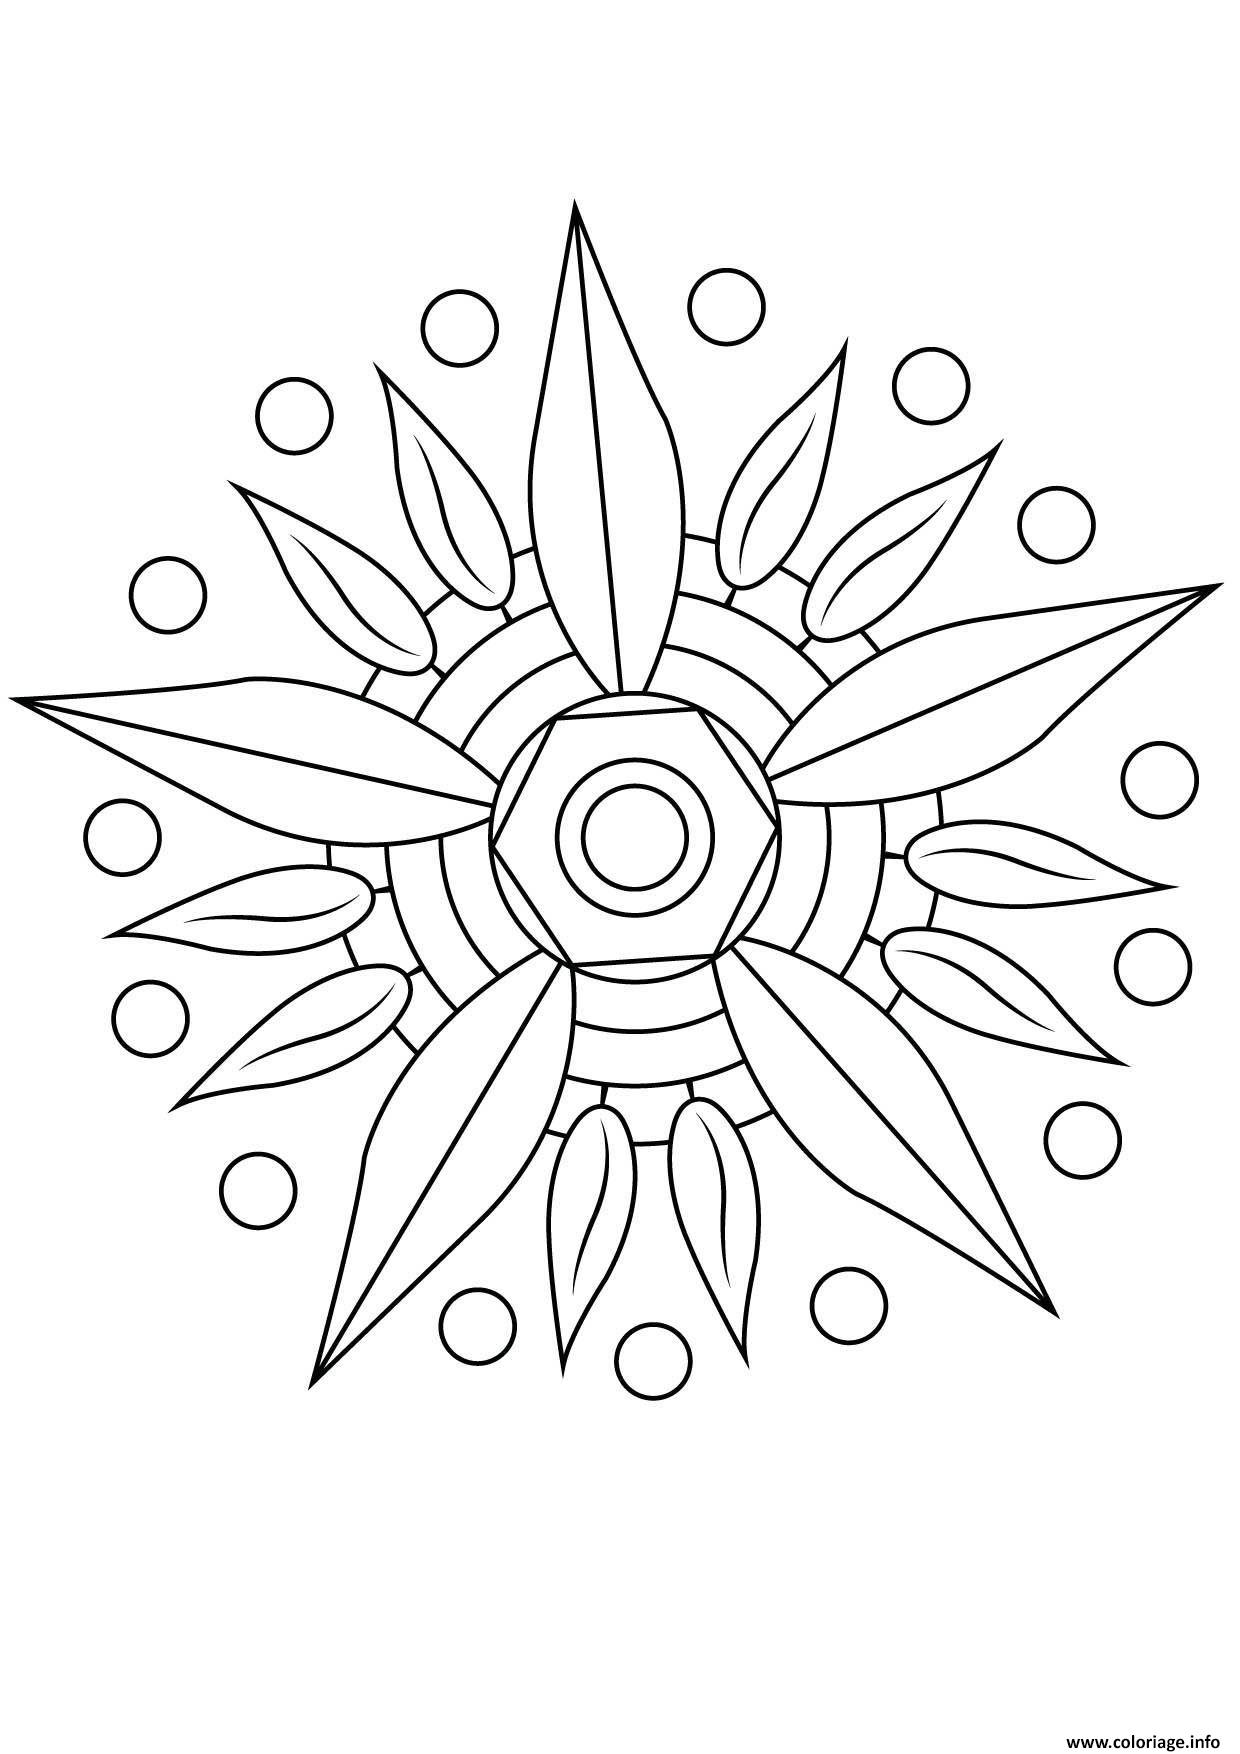 Coloriage Mandala Fleur 12 Jecolorie Com